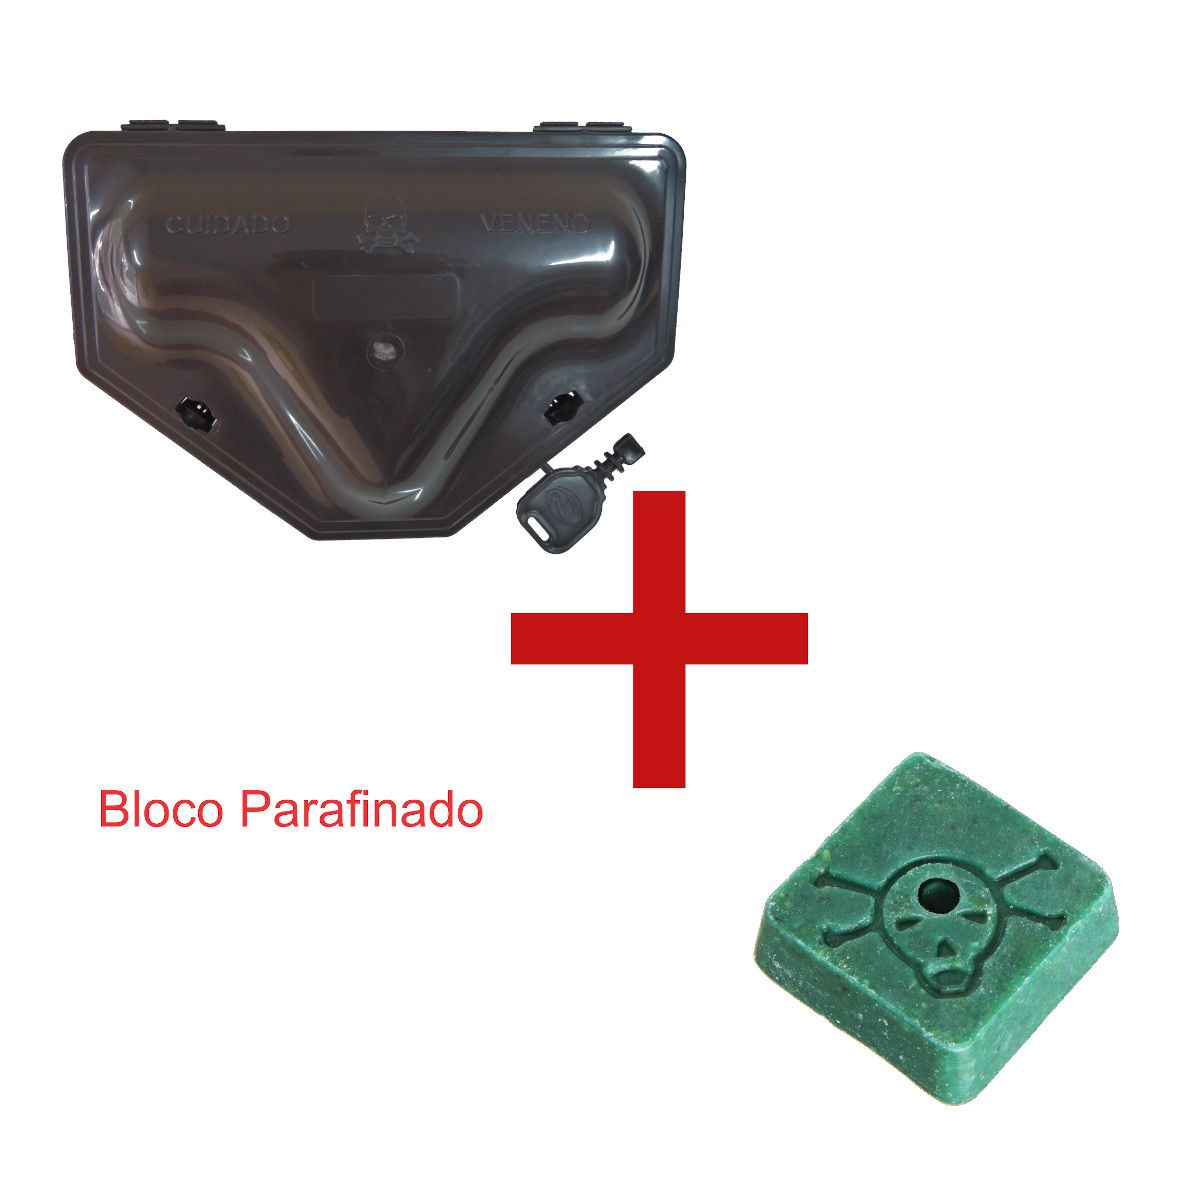 KIT 40 Porta Iscas Forte Ratoeira Mata Ratos 2 TRAVAS Chave